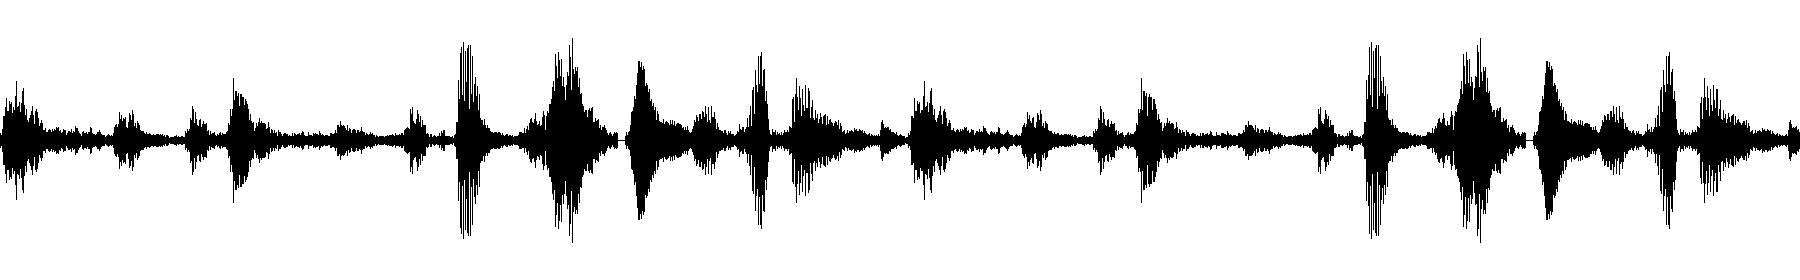 esw 124 f vintage vocals